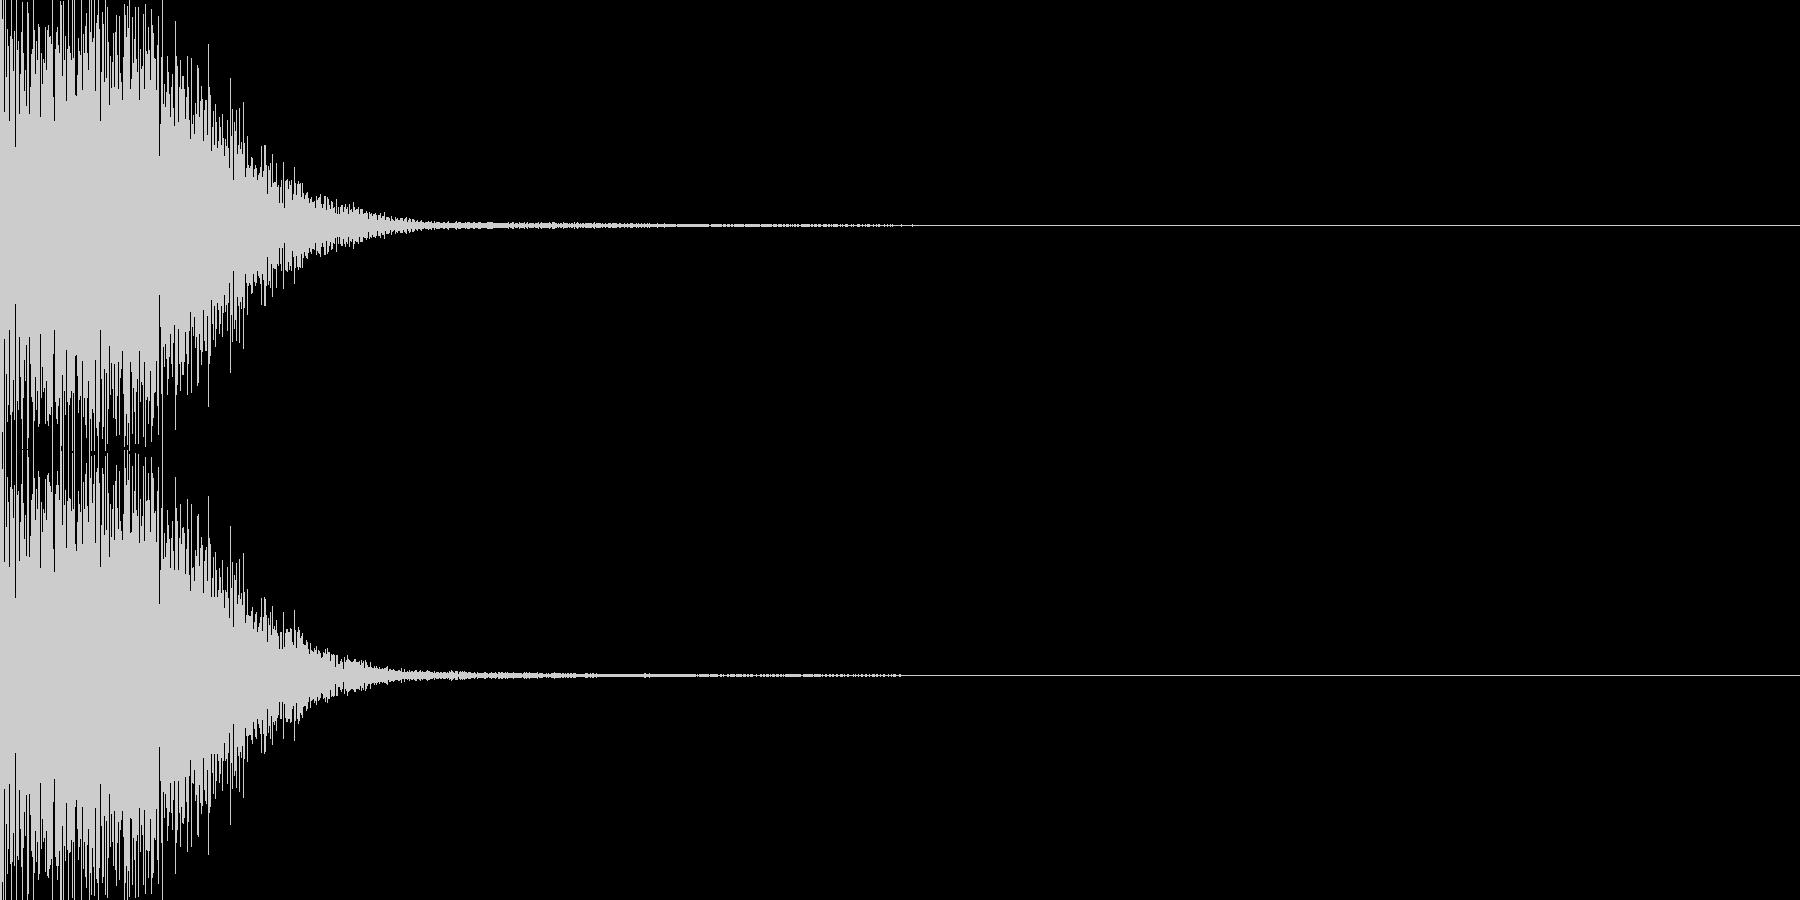 システム音49の未再生の波形